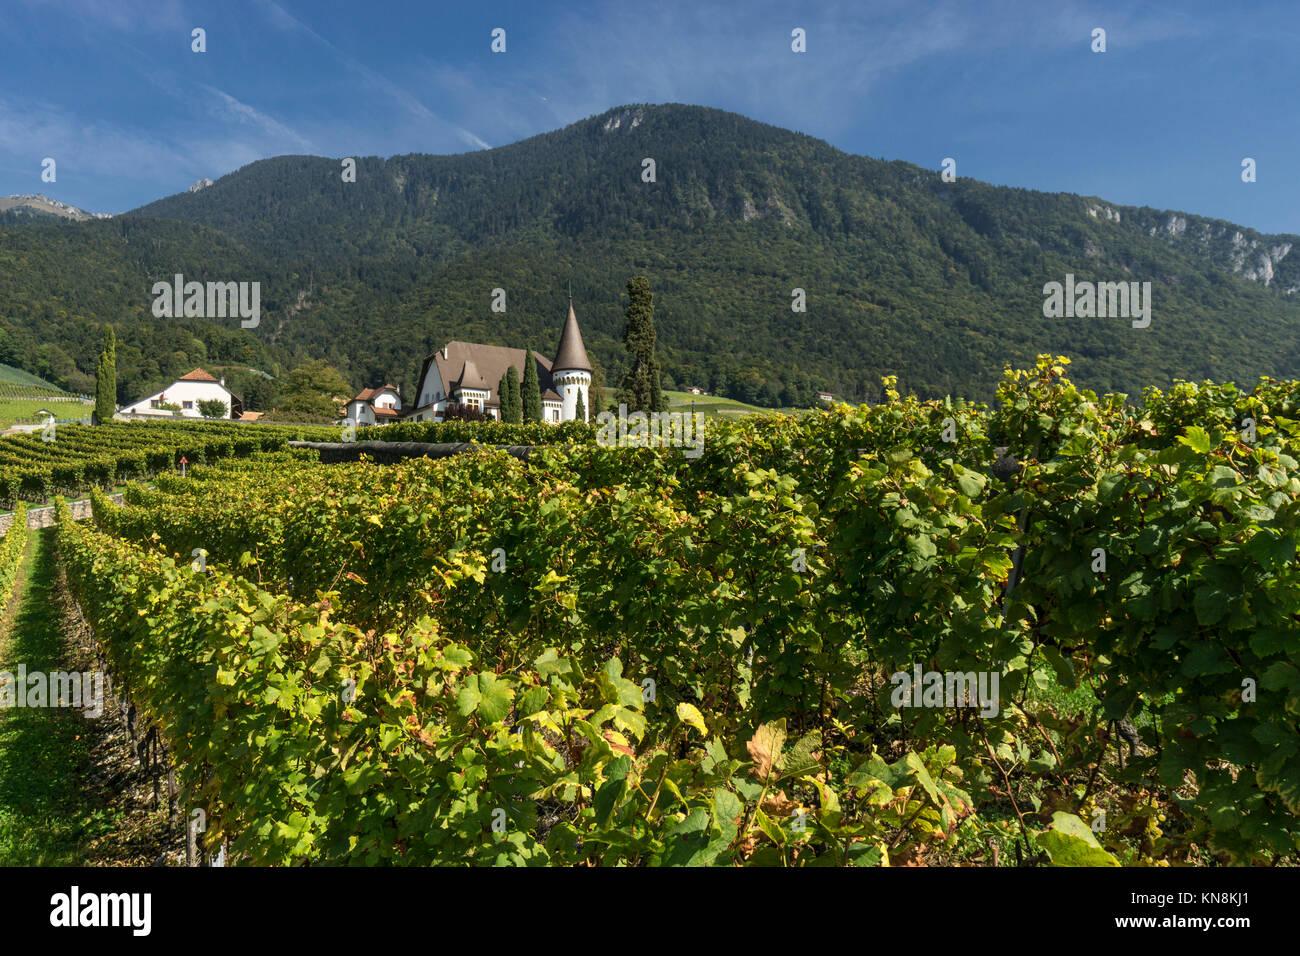 Château Maison Blanche, Weinberge, Yvorne, Region Lavaux, Genfer See, Schweizer Alpen, Schweiz Stockbild